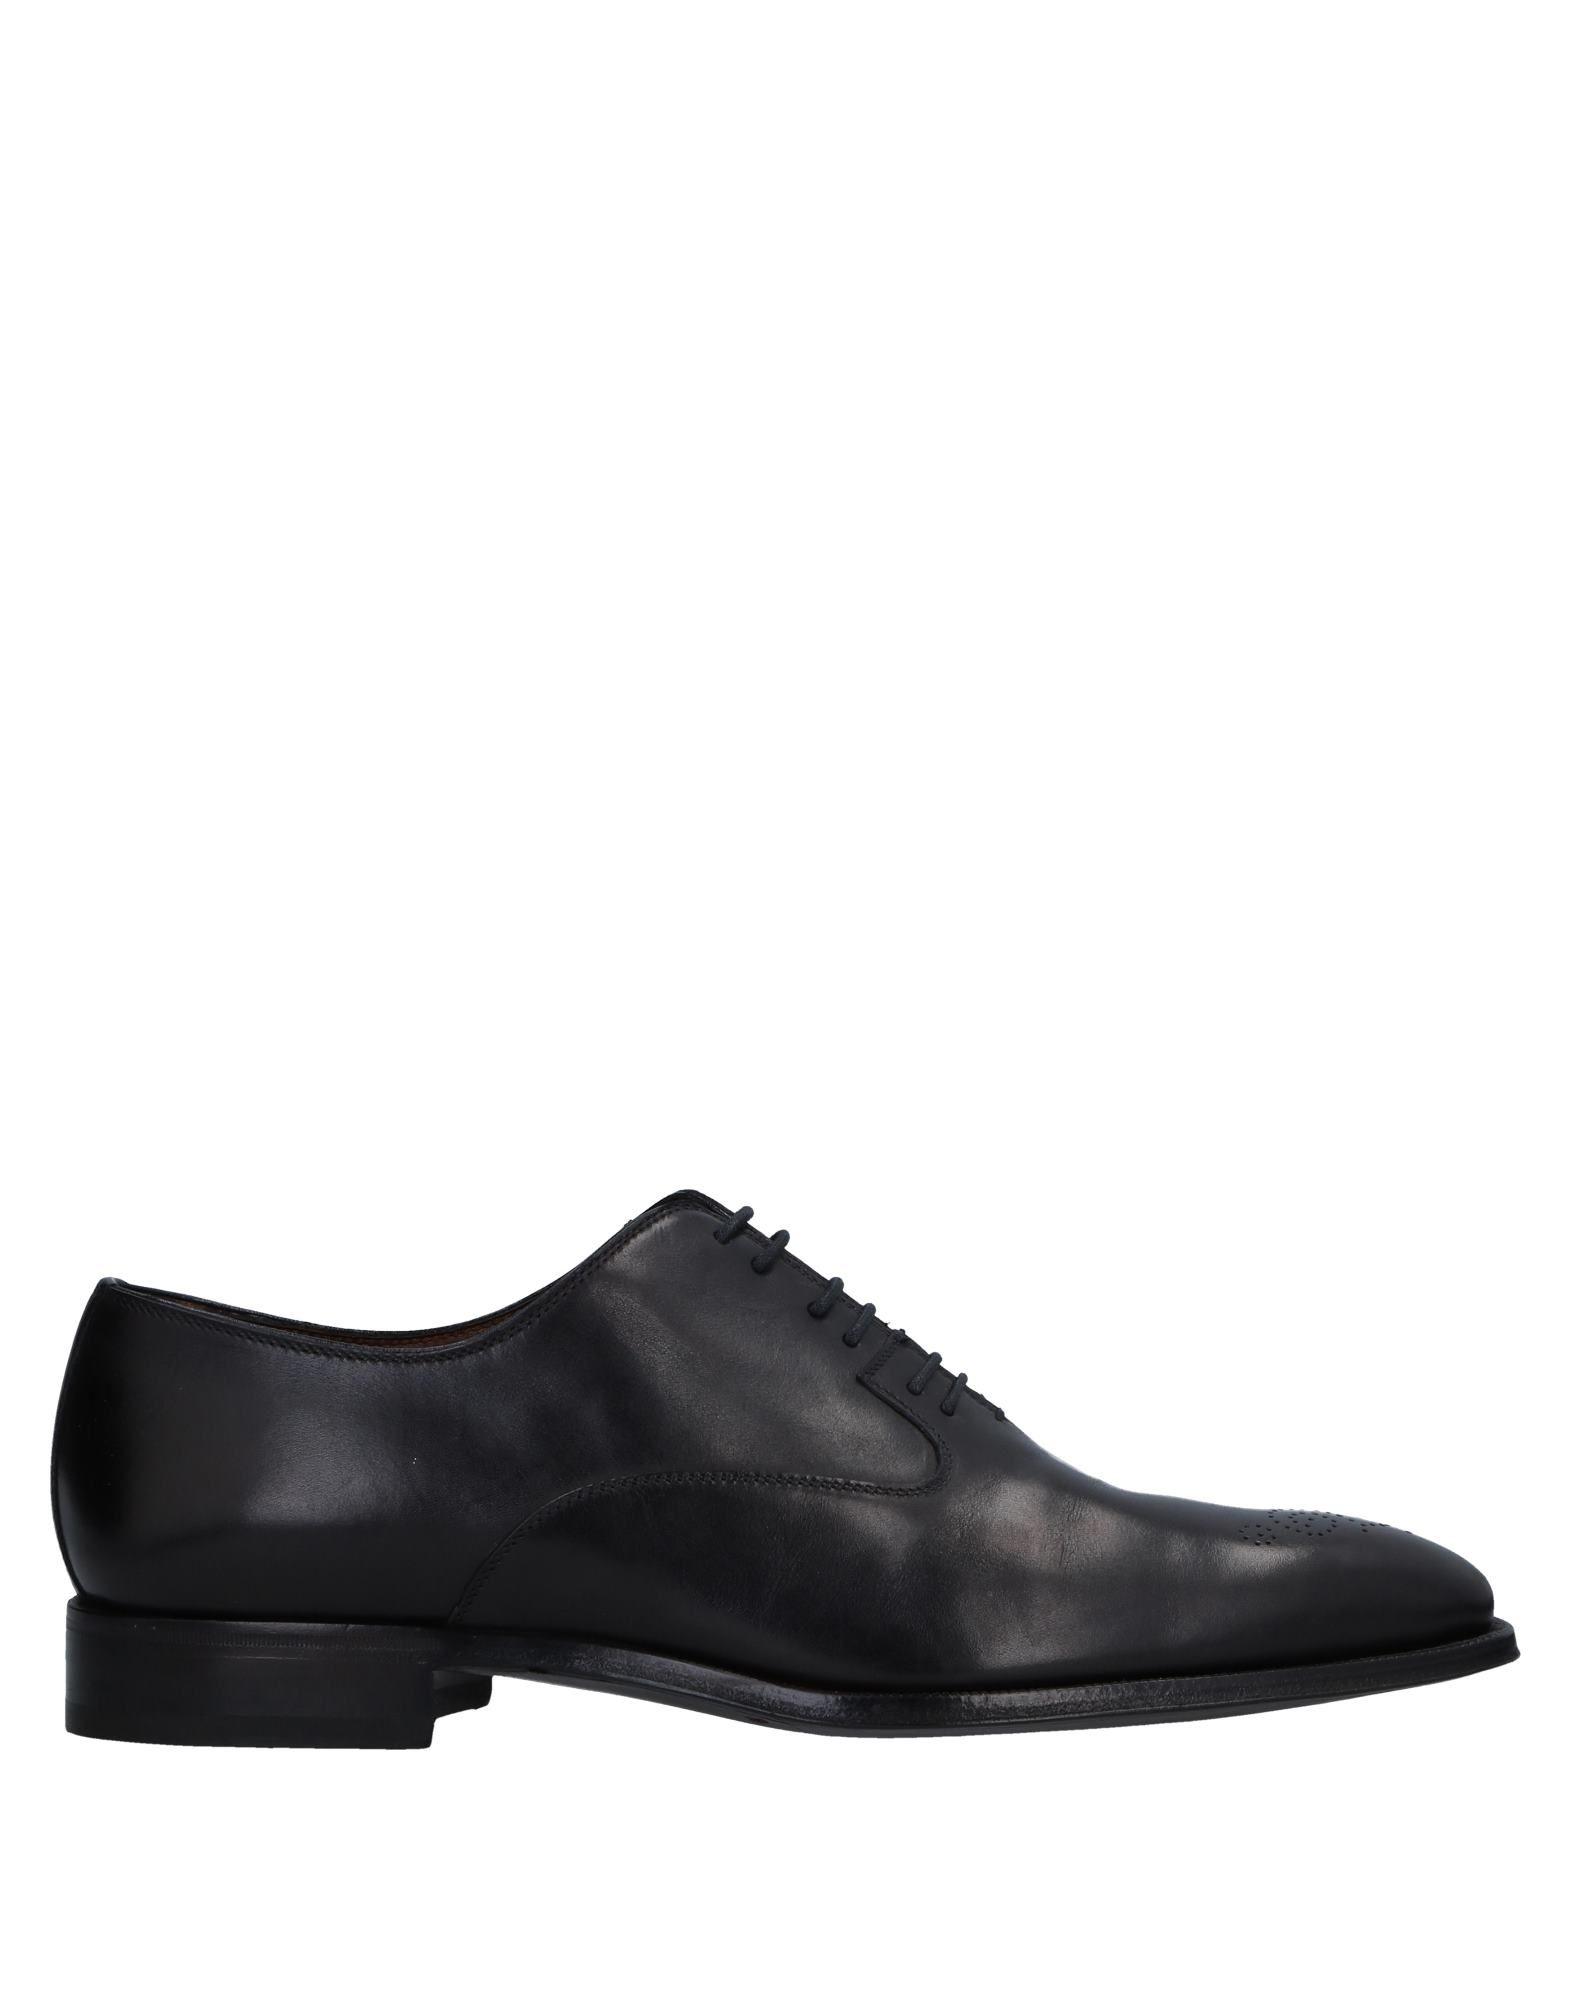 Sutor Mantellassi Schnürschuhe Herren  11534390NX Gute Qualität beliebte Schuhe